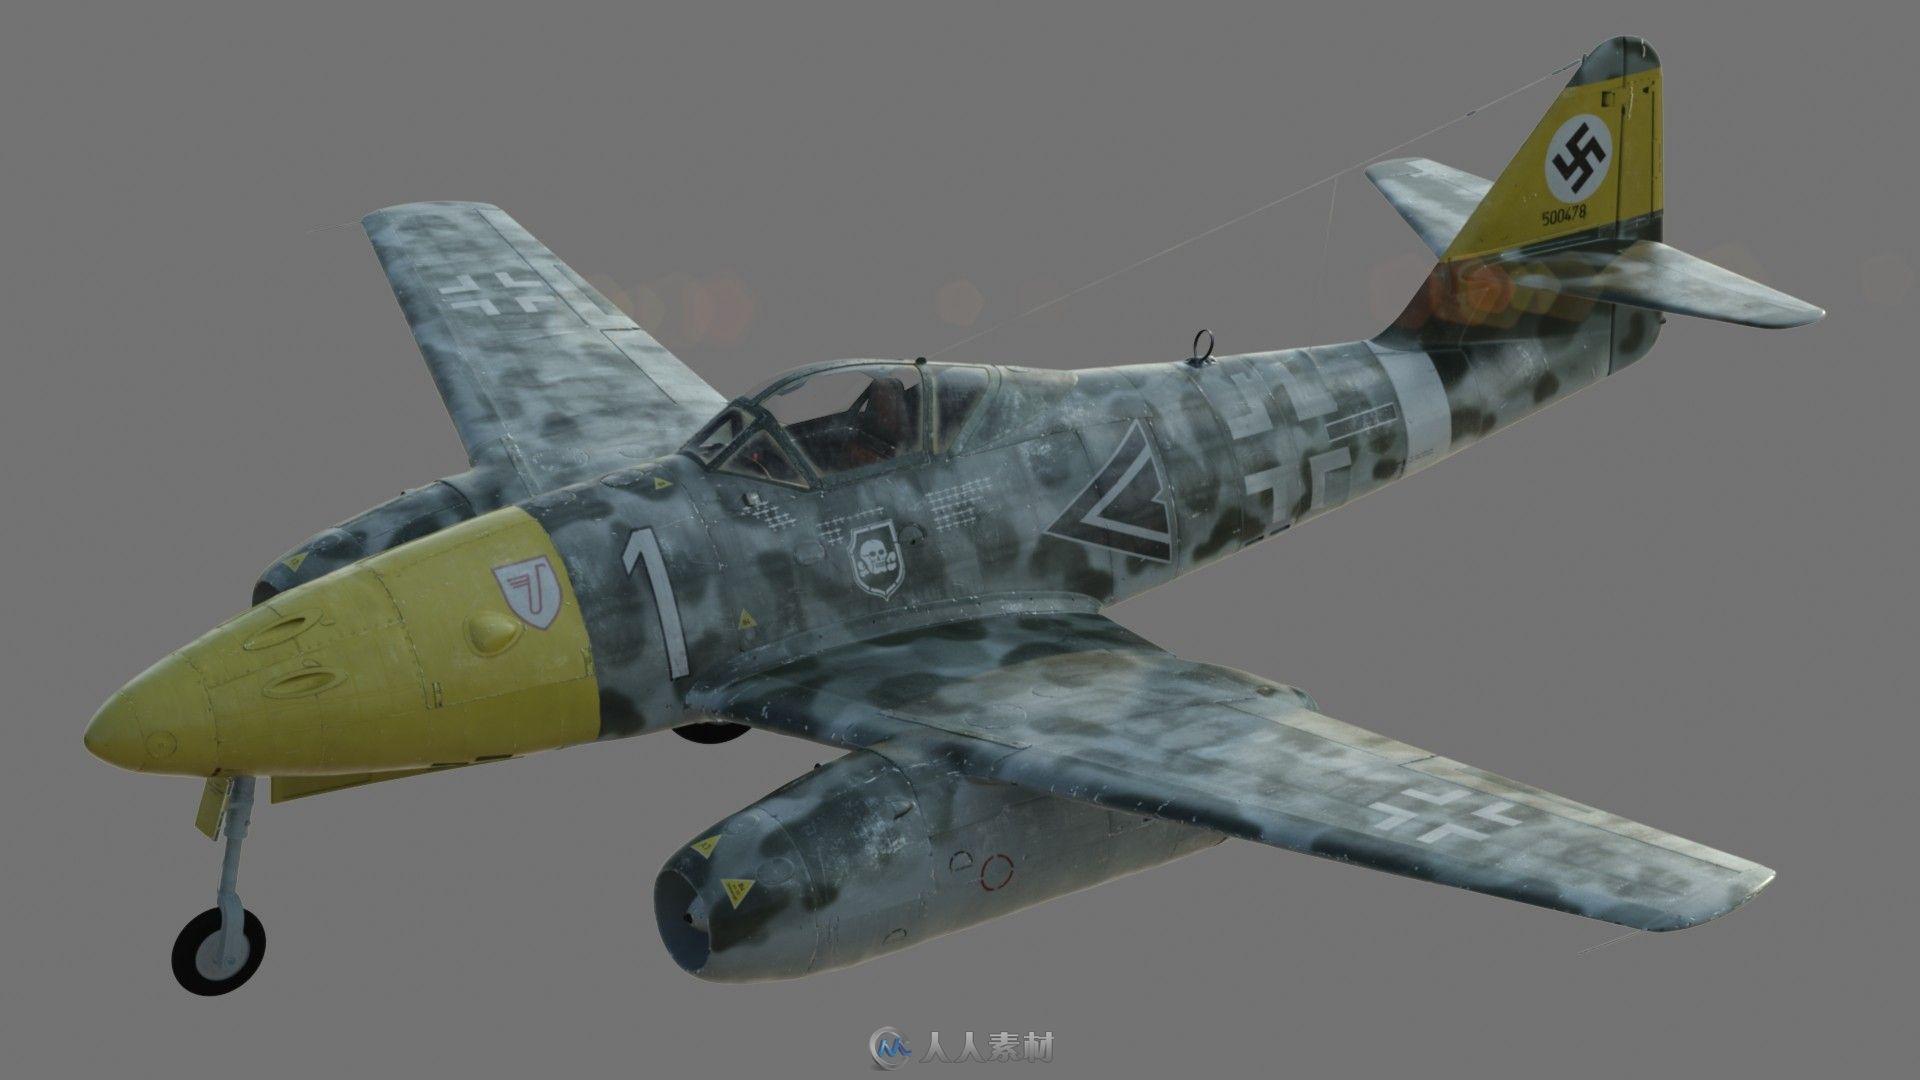 德国战斗机 3D模型 - 3D模型 - 人人素材社区